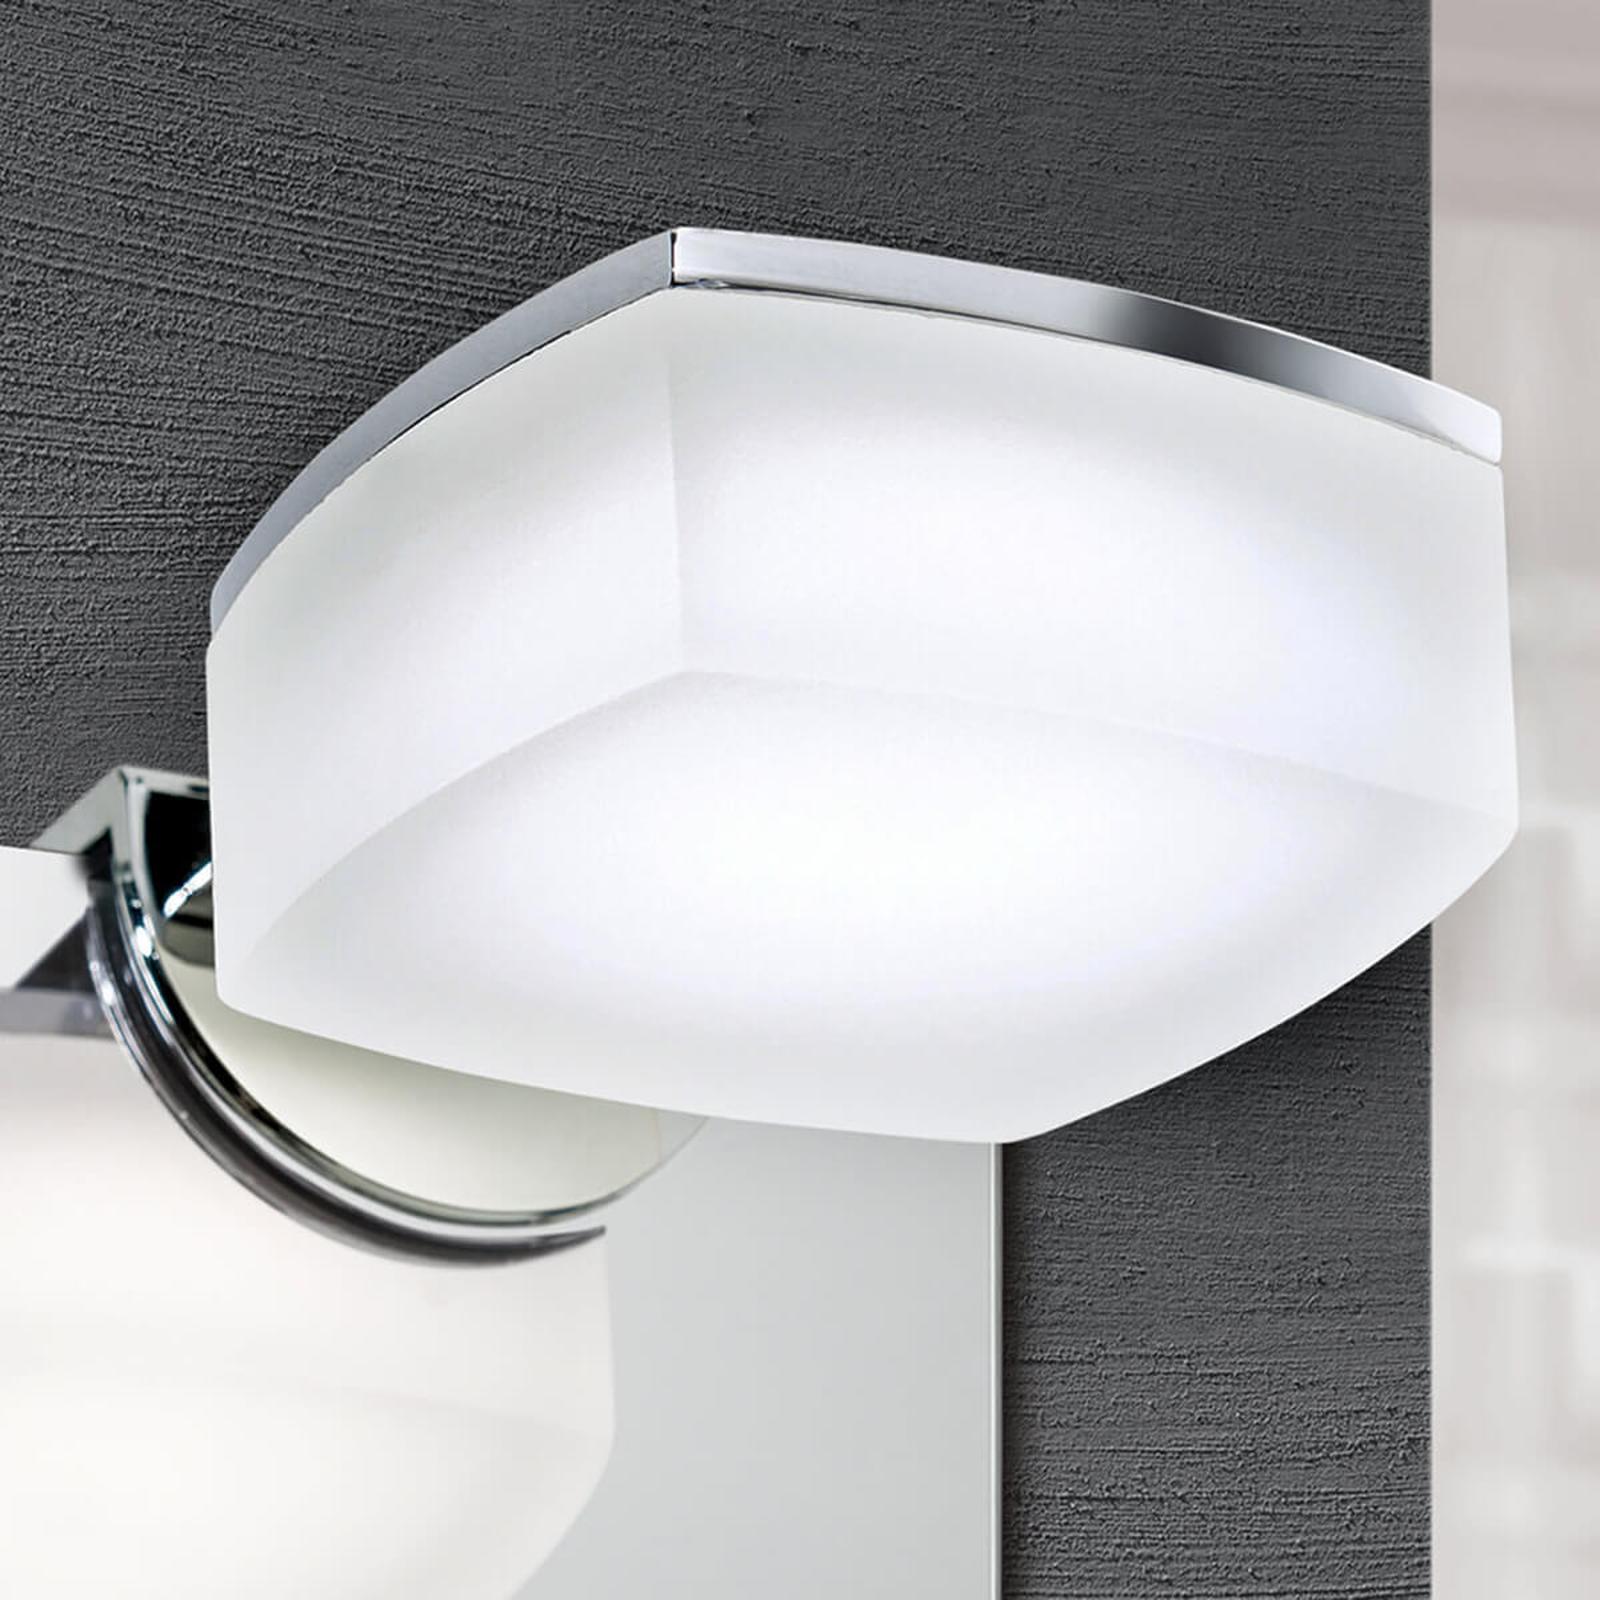 Acquista Lampada LED da specchio Noah IP44, angolare